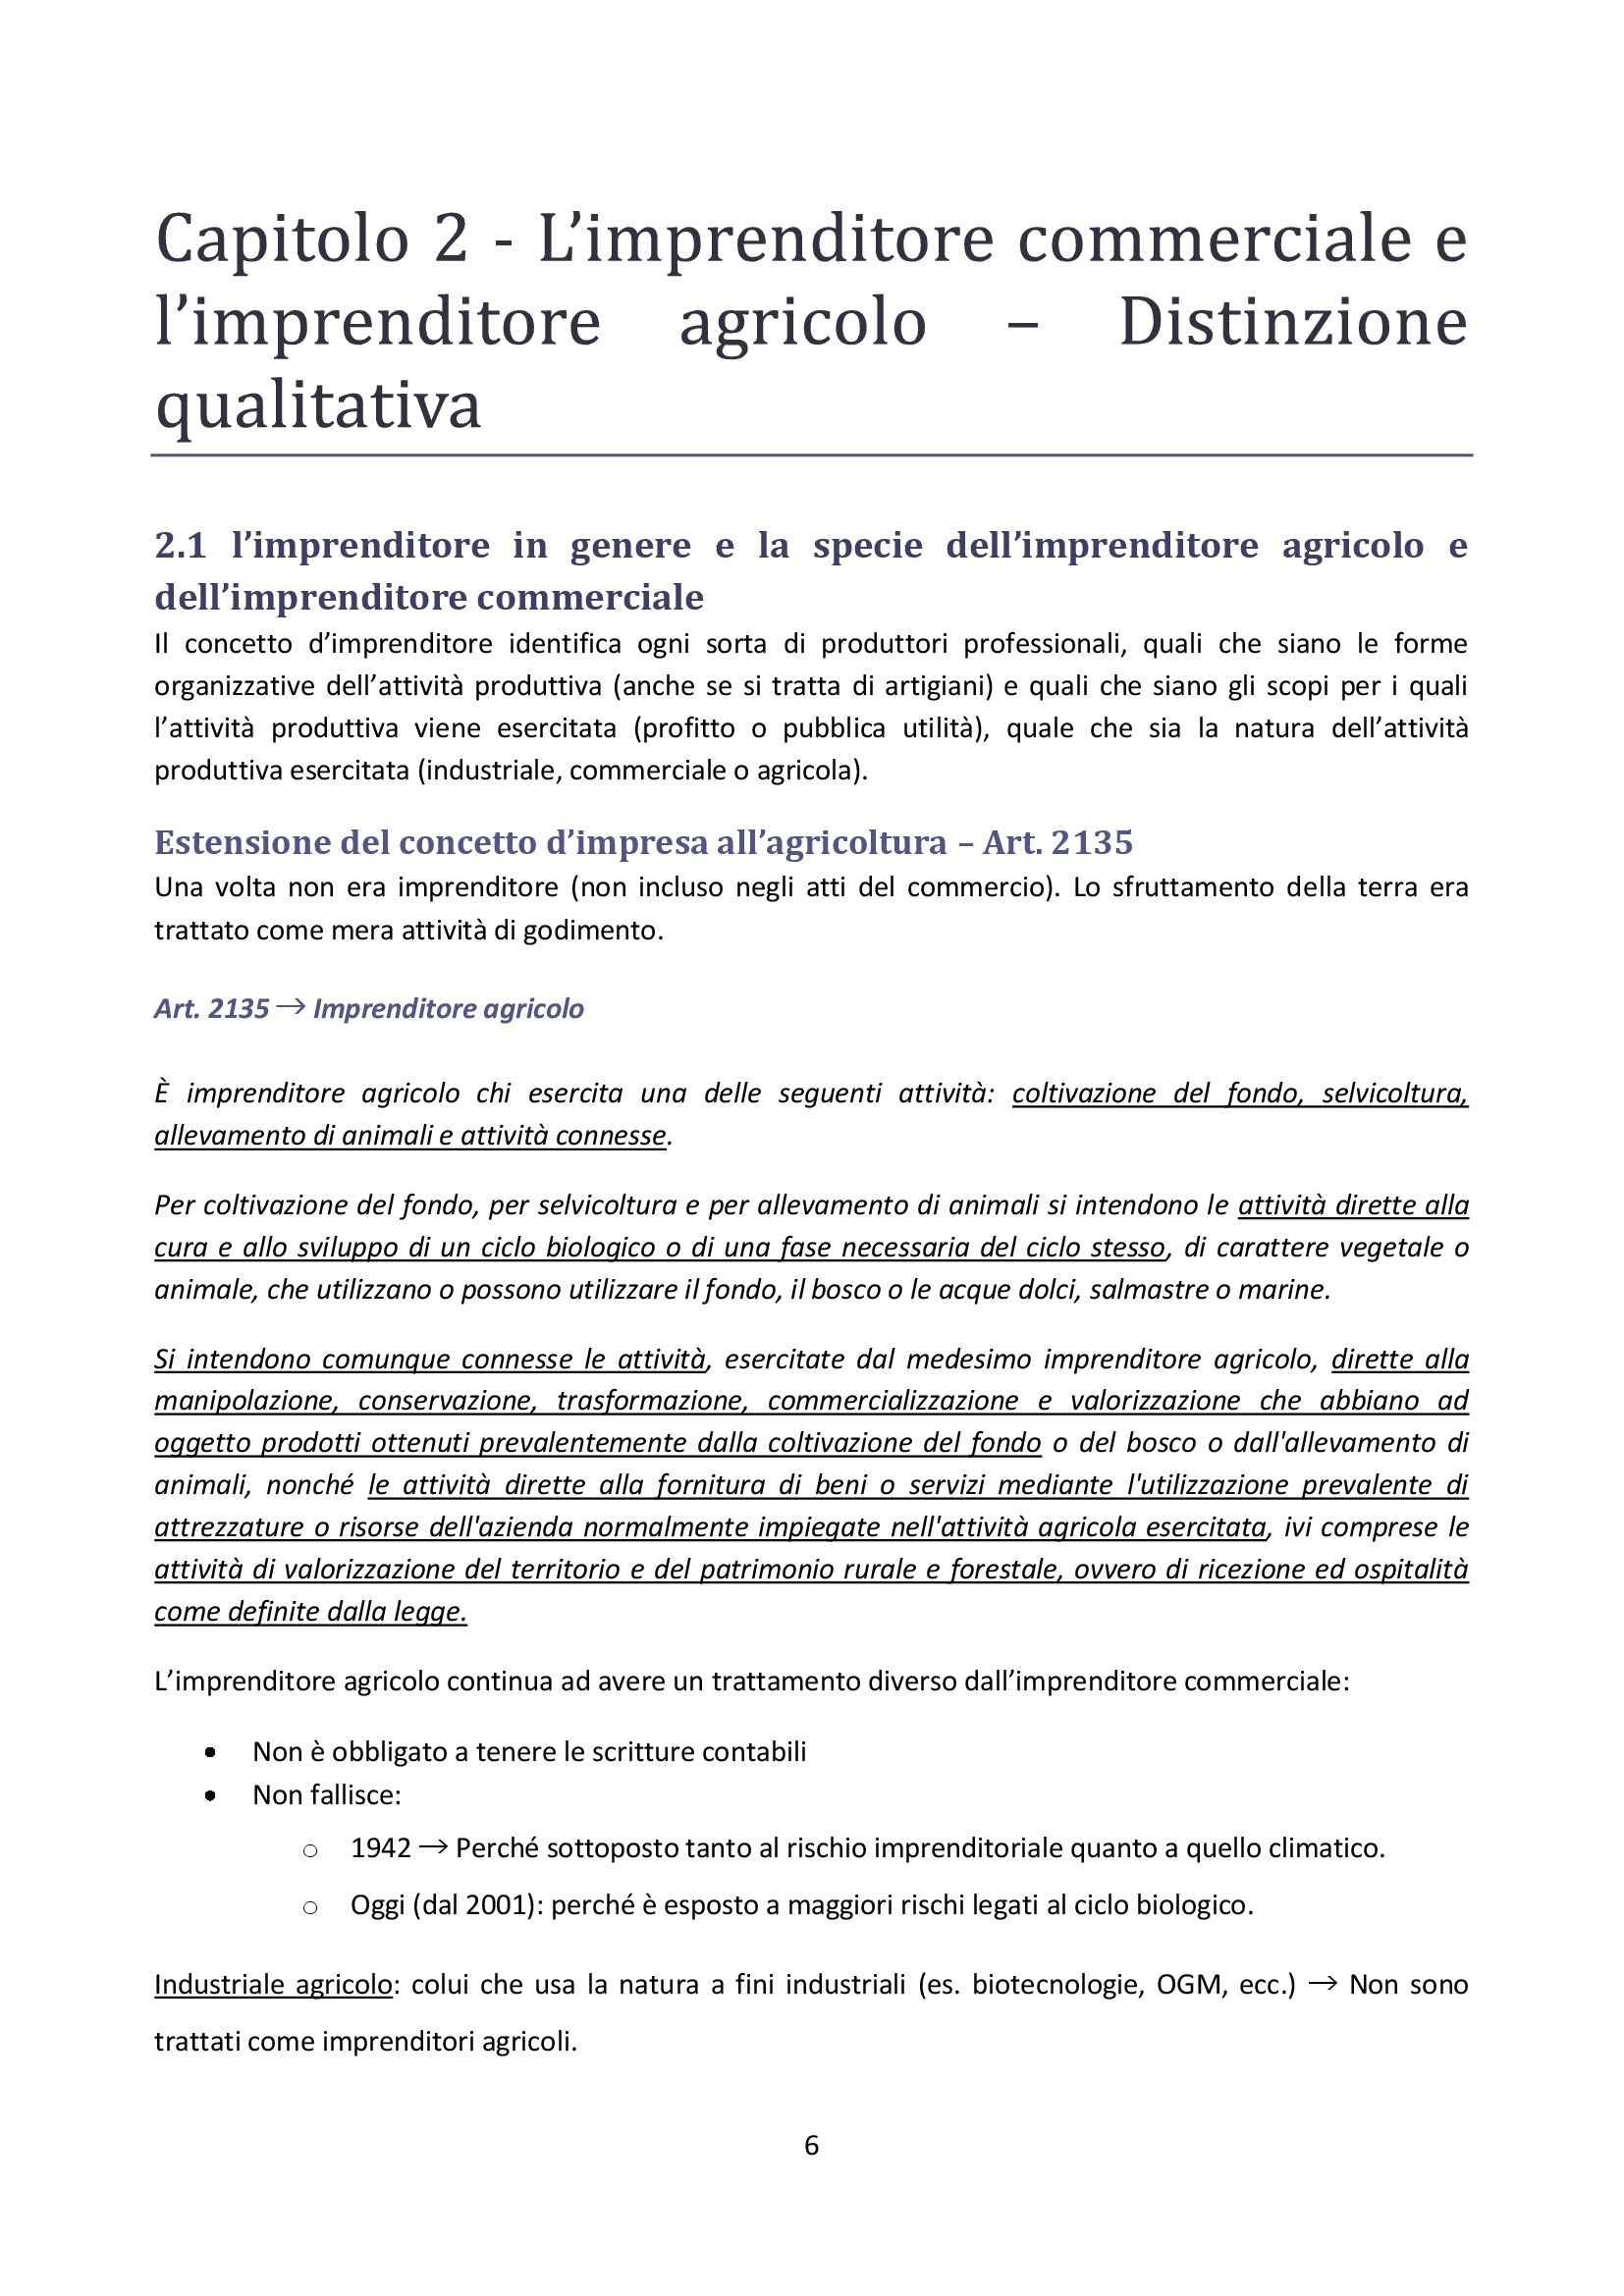 Diritto Commerciale - Imprenditore Pag. 6